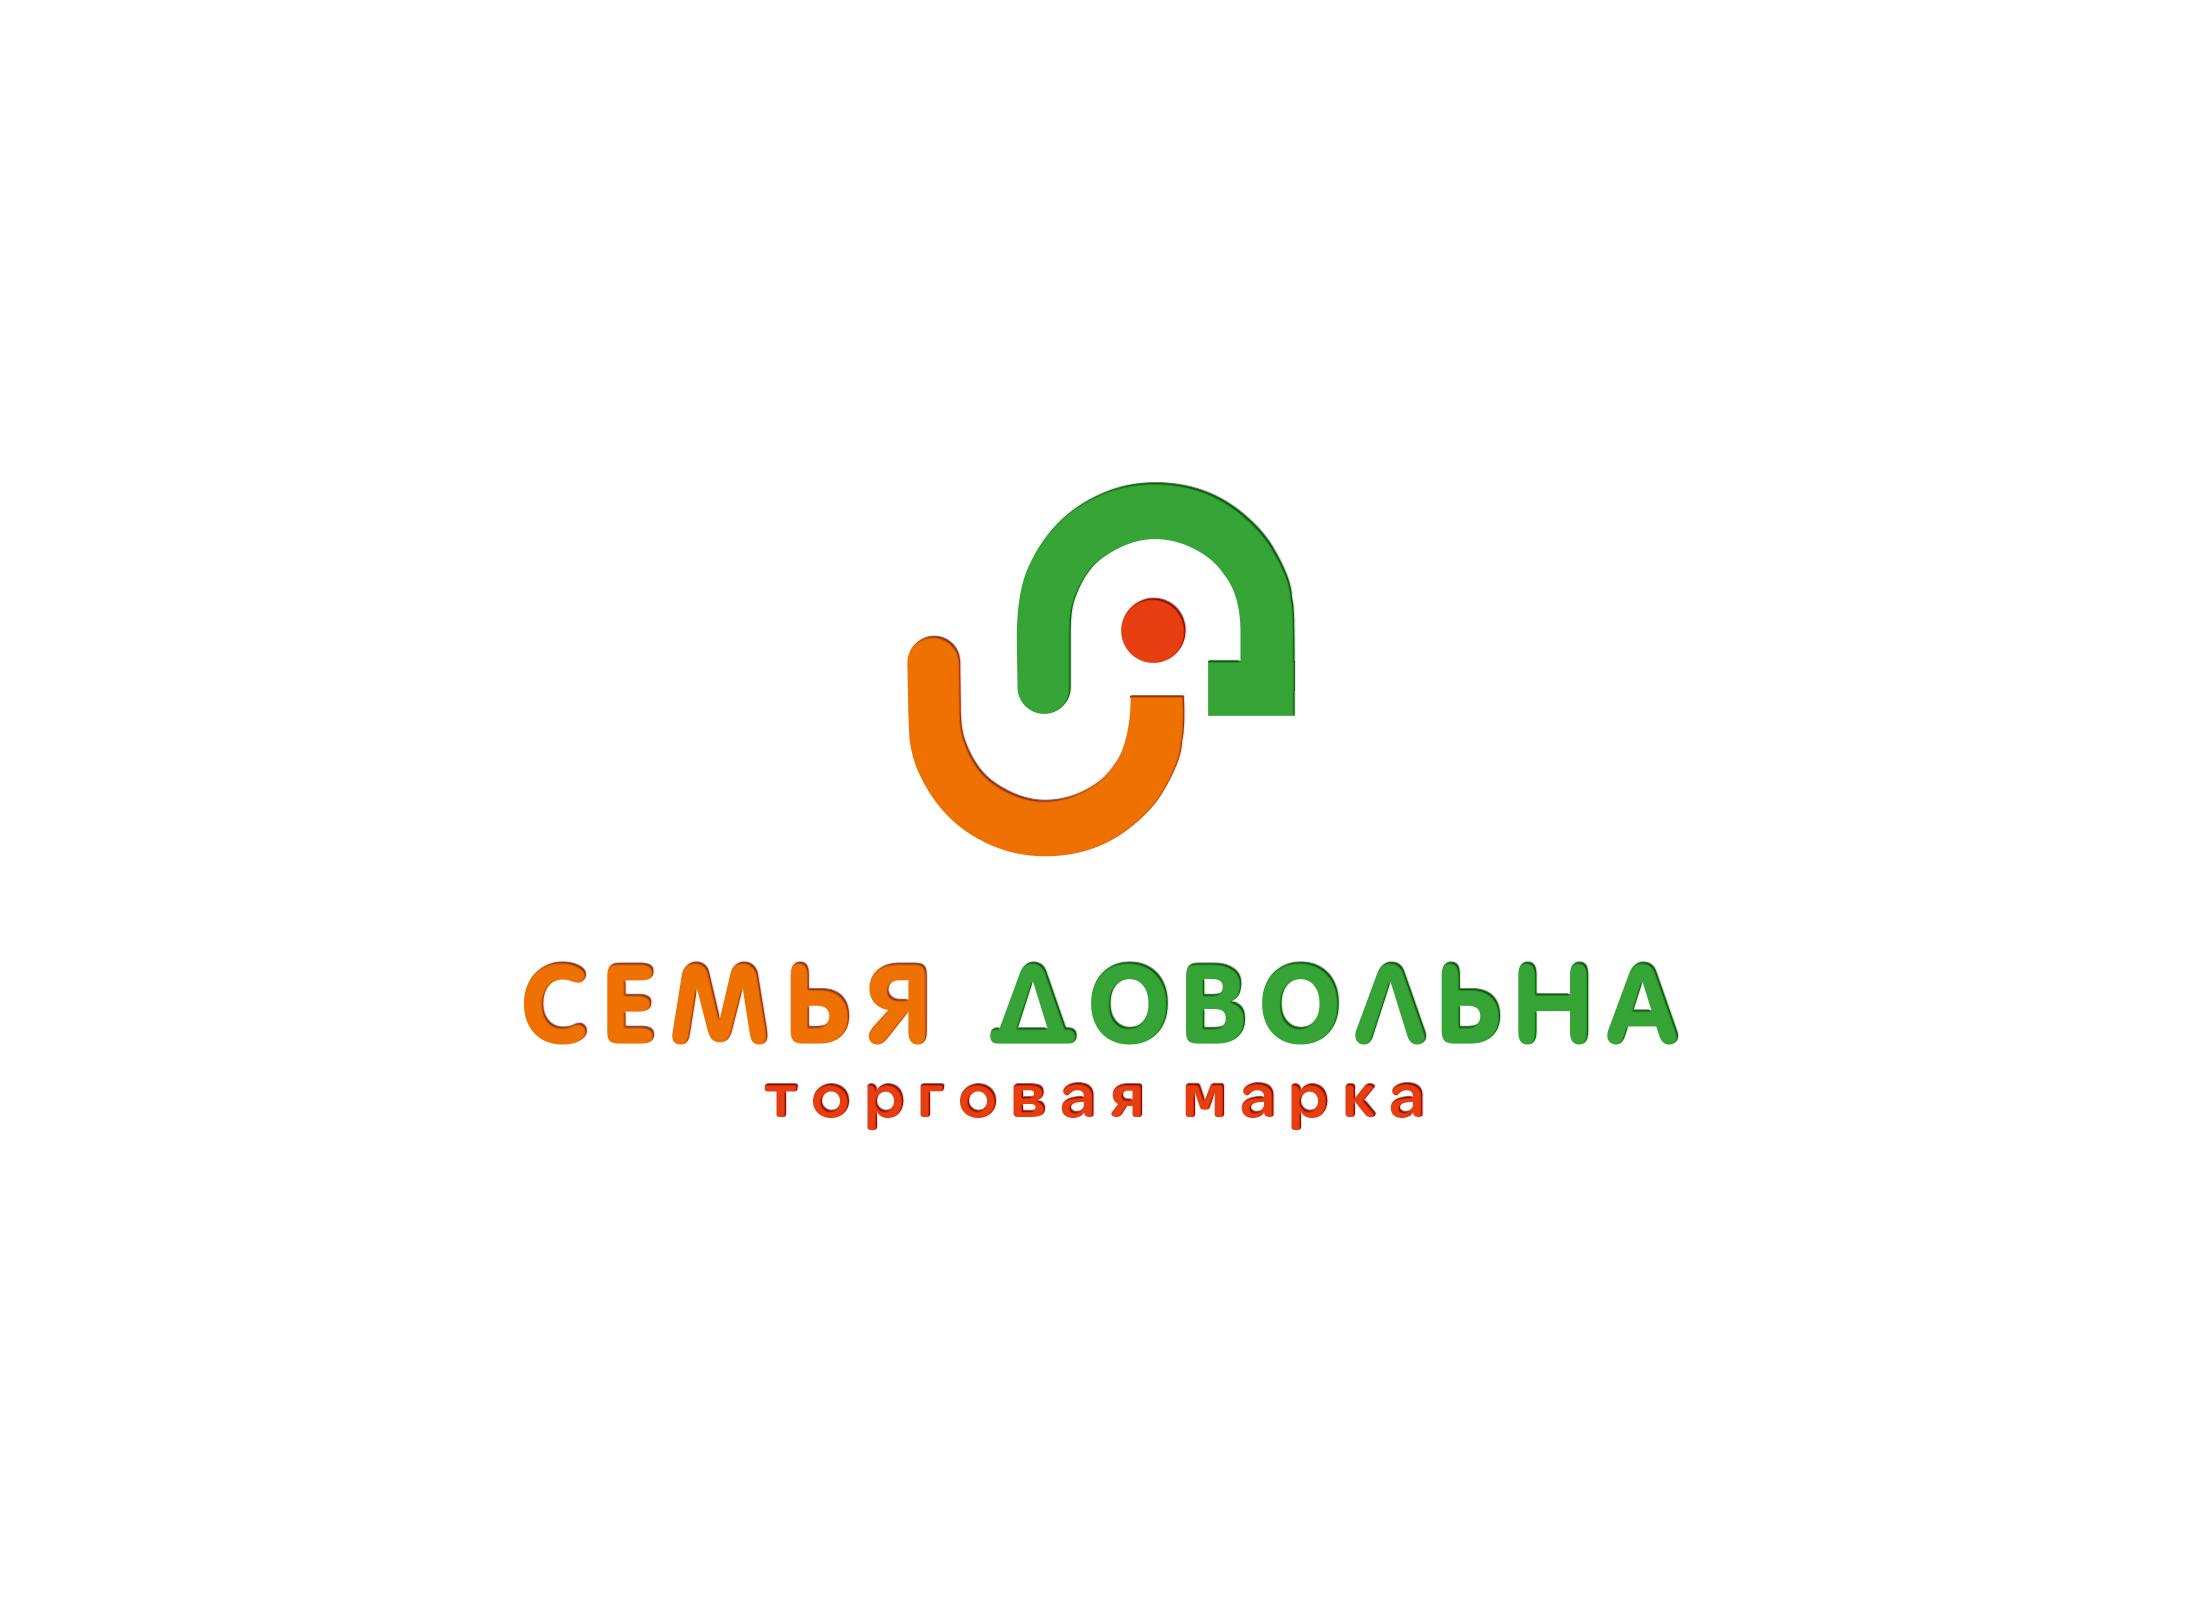 """Разработайте логотип для торговой марки """"Семья довольна"""" фото f_4745ba94e242a98a.jpg"""